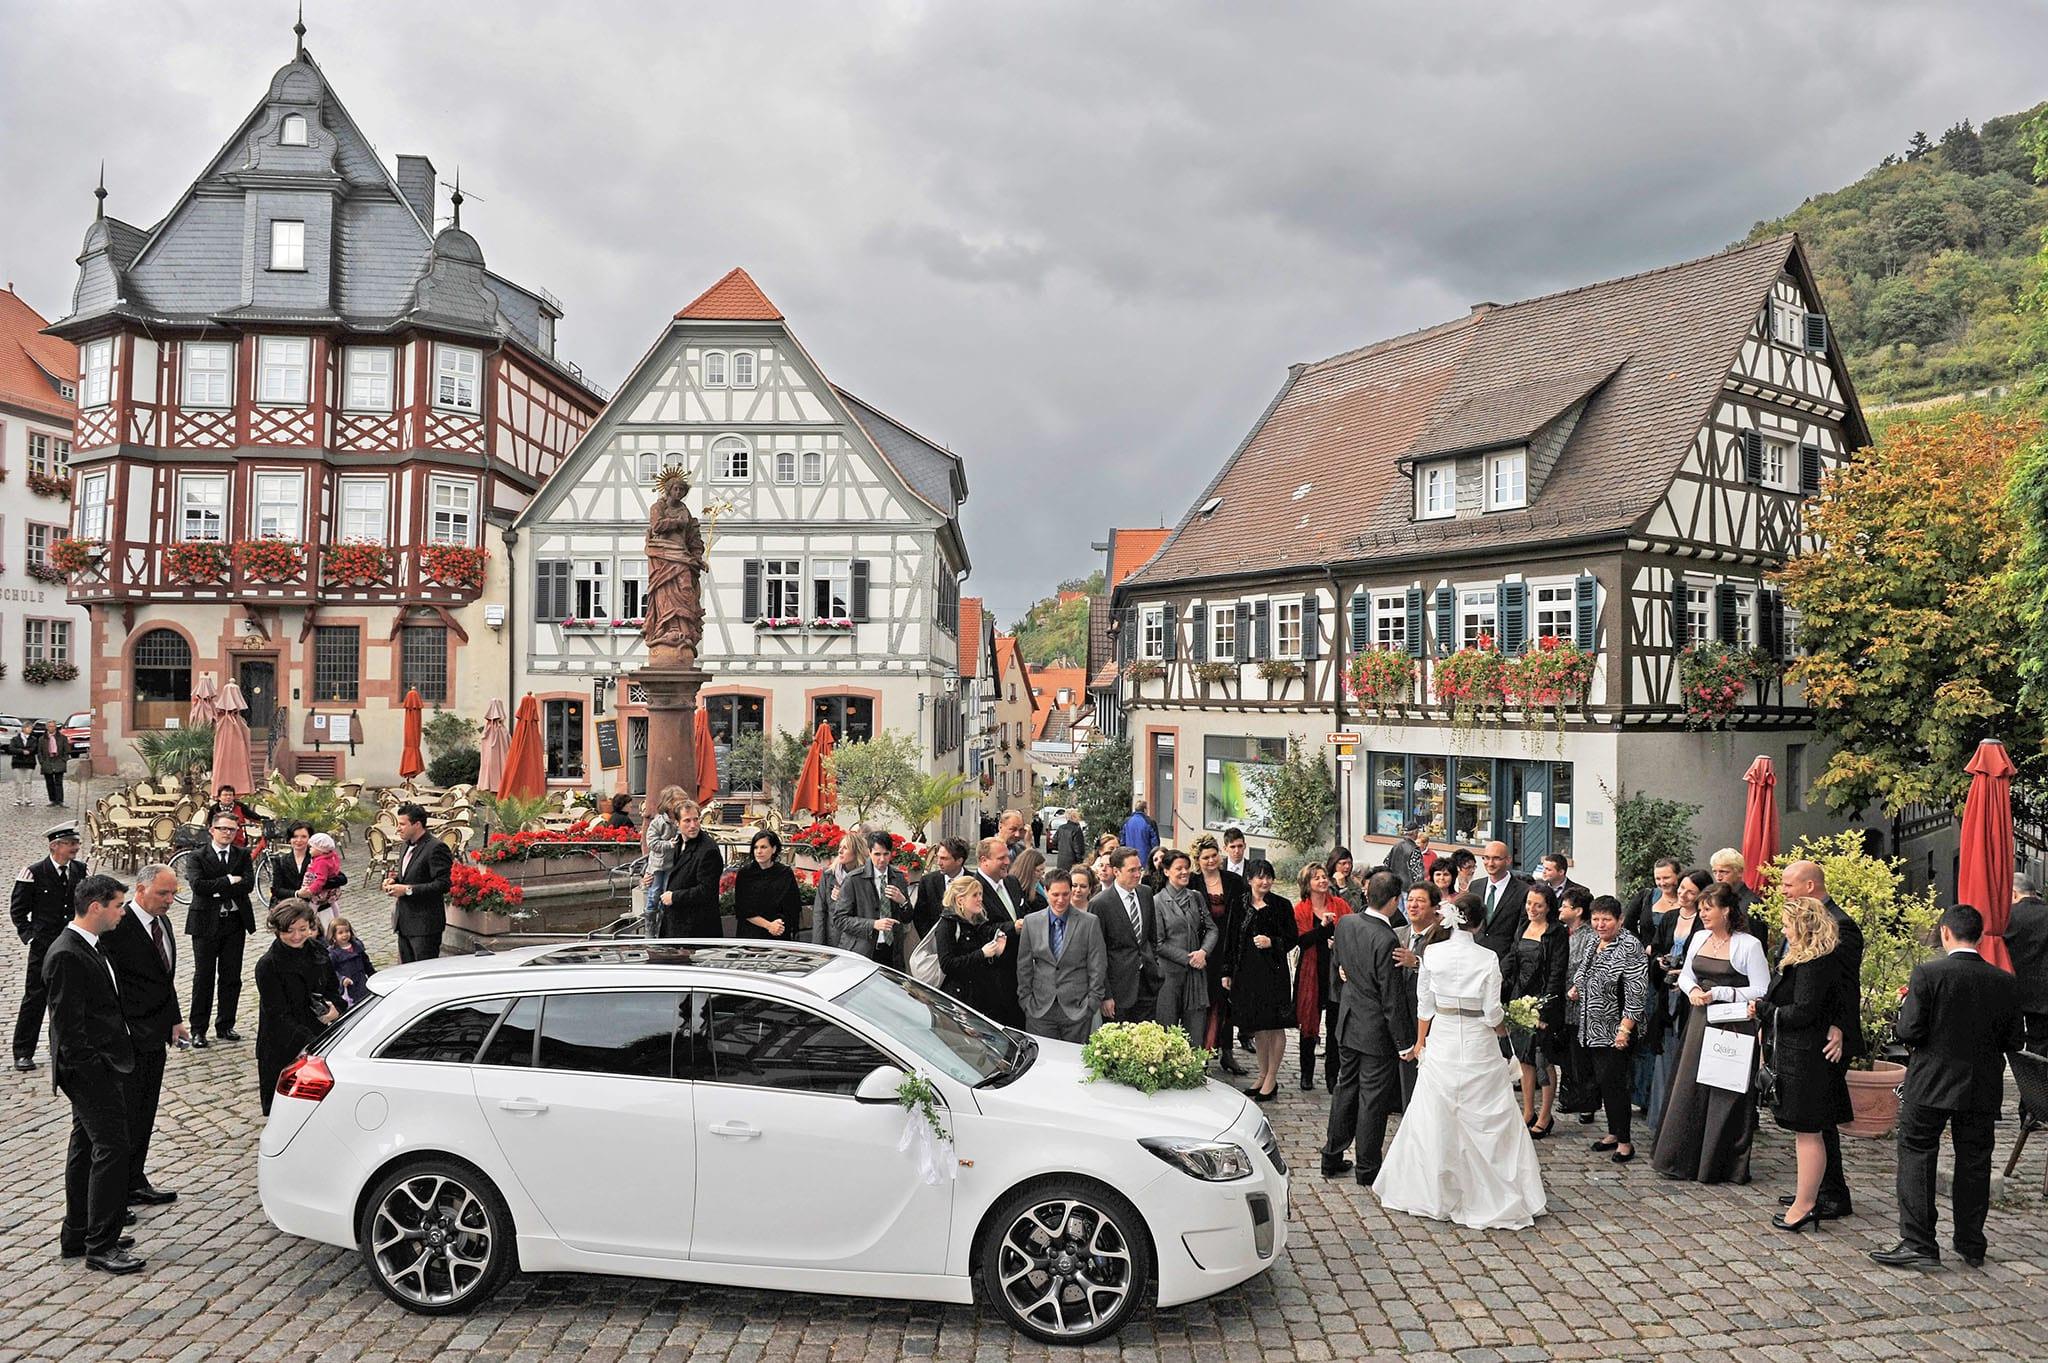 Hochzeit 079 Hochzeit Braut Bräutigam Brautpaar Heppenheim Altstadt Hochzeitsfotografie Daniel Fuss Fotografie